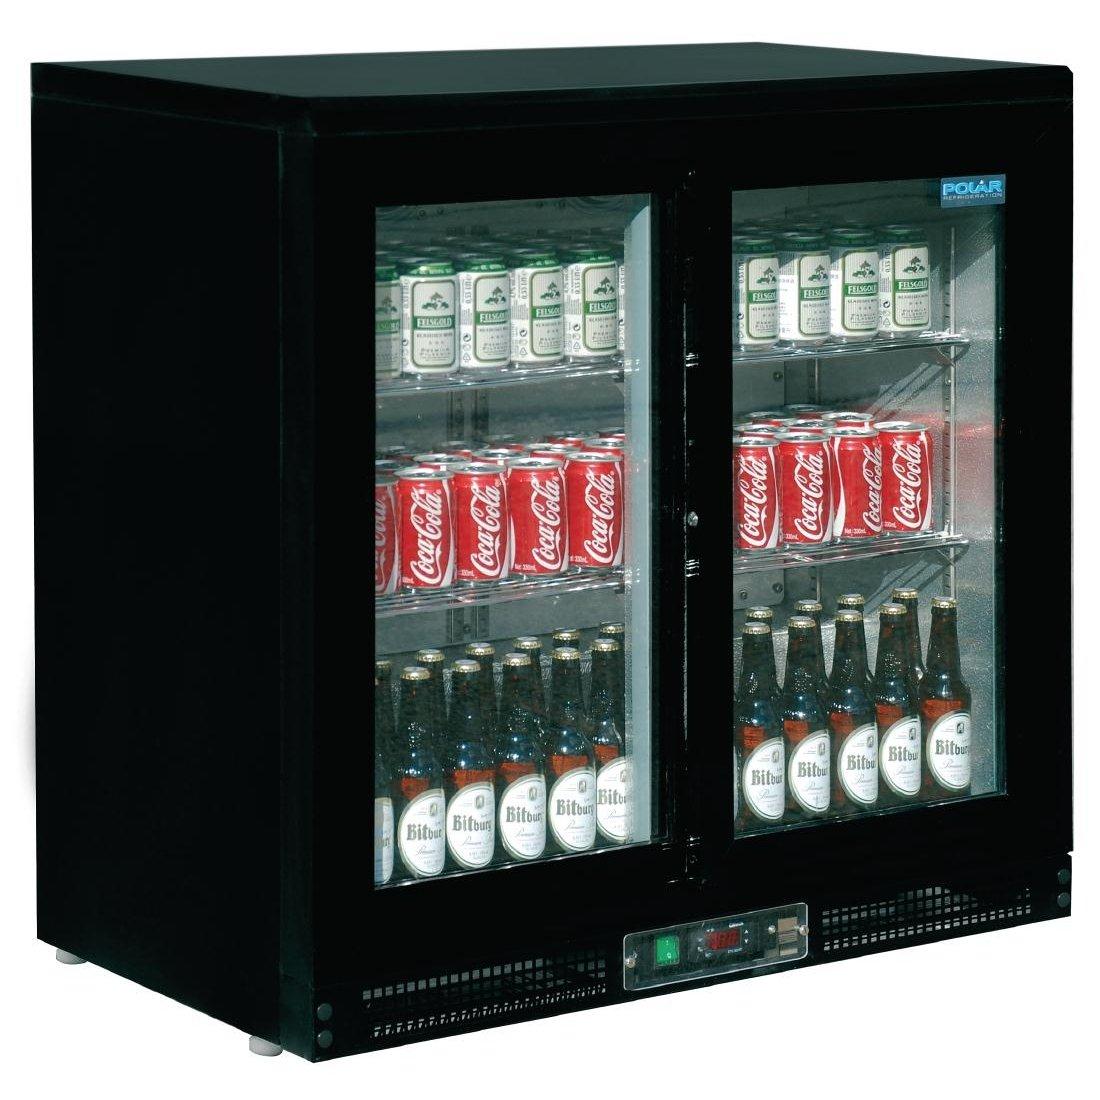 Enfriador expositor de bar 168 botellas Polar: Amazon.es: Hogar